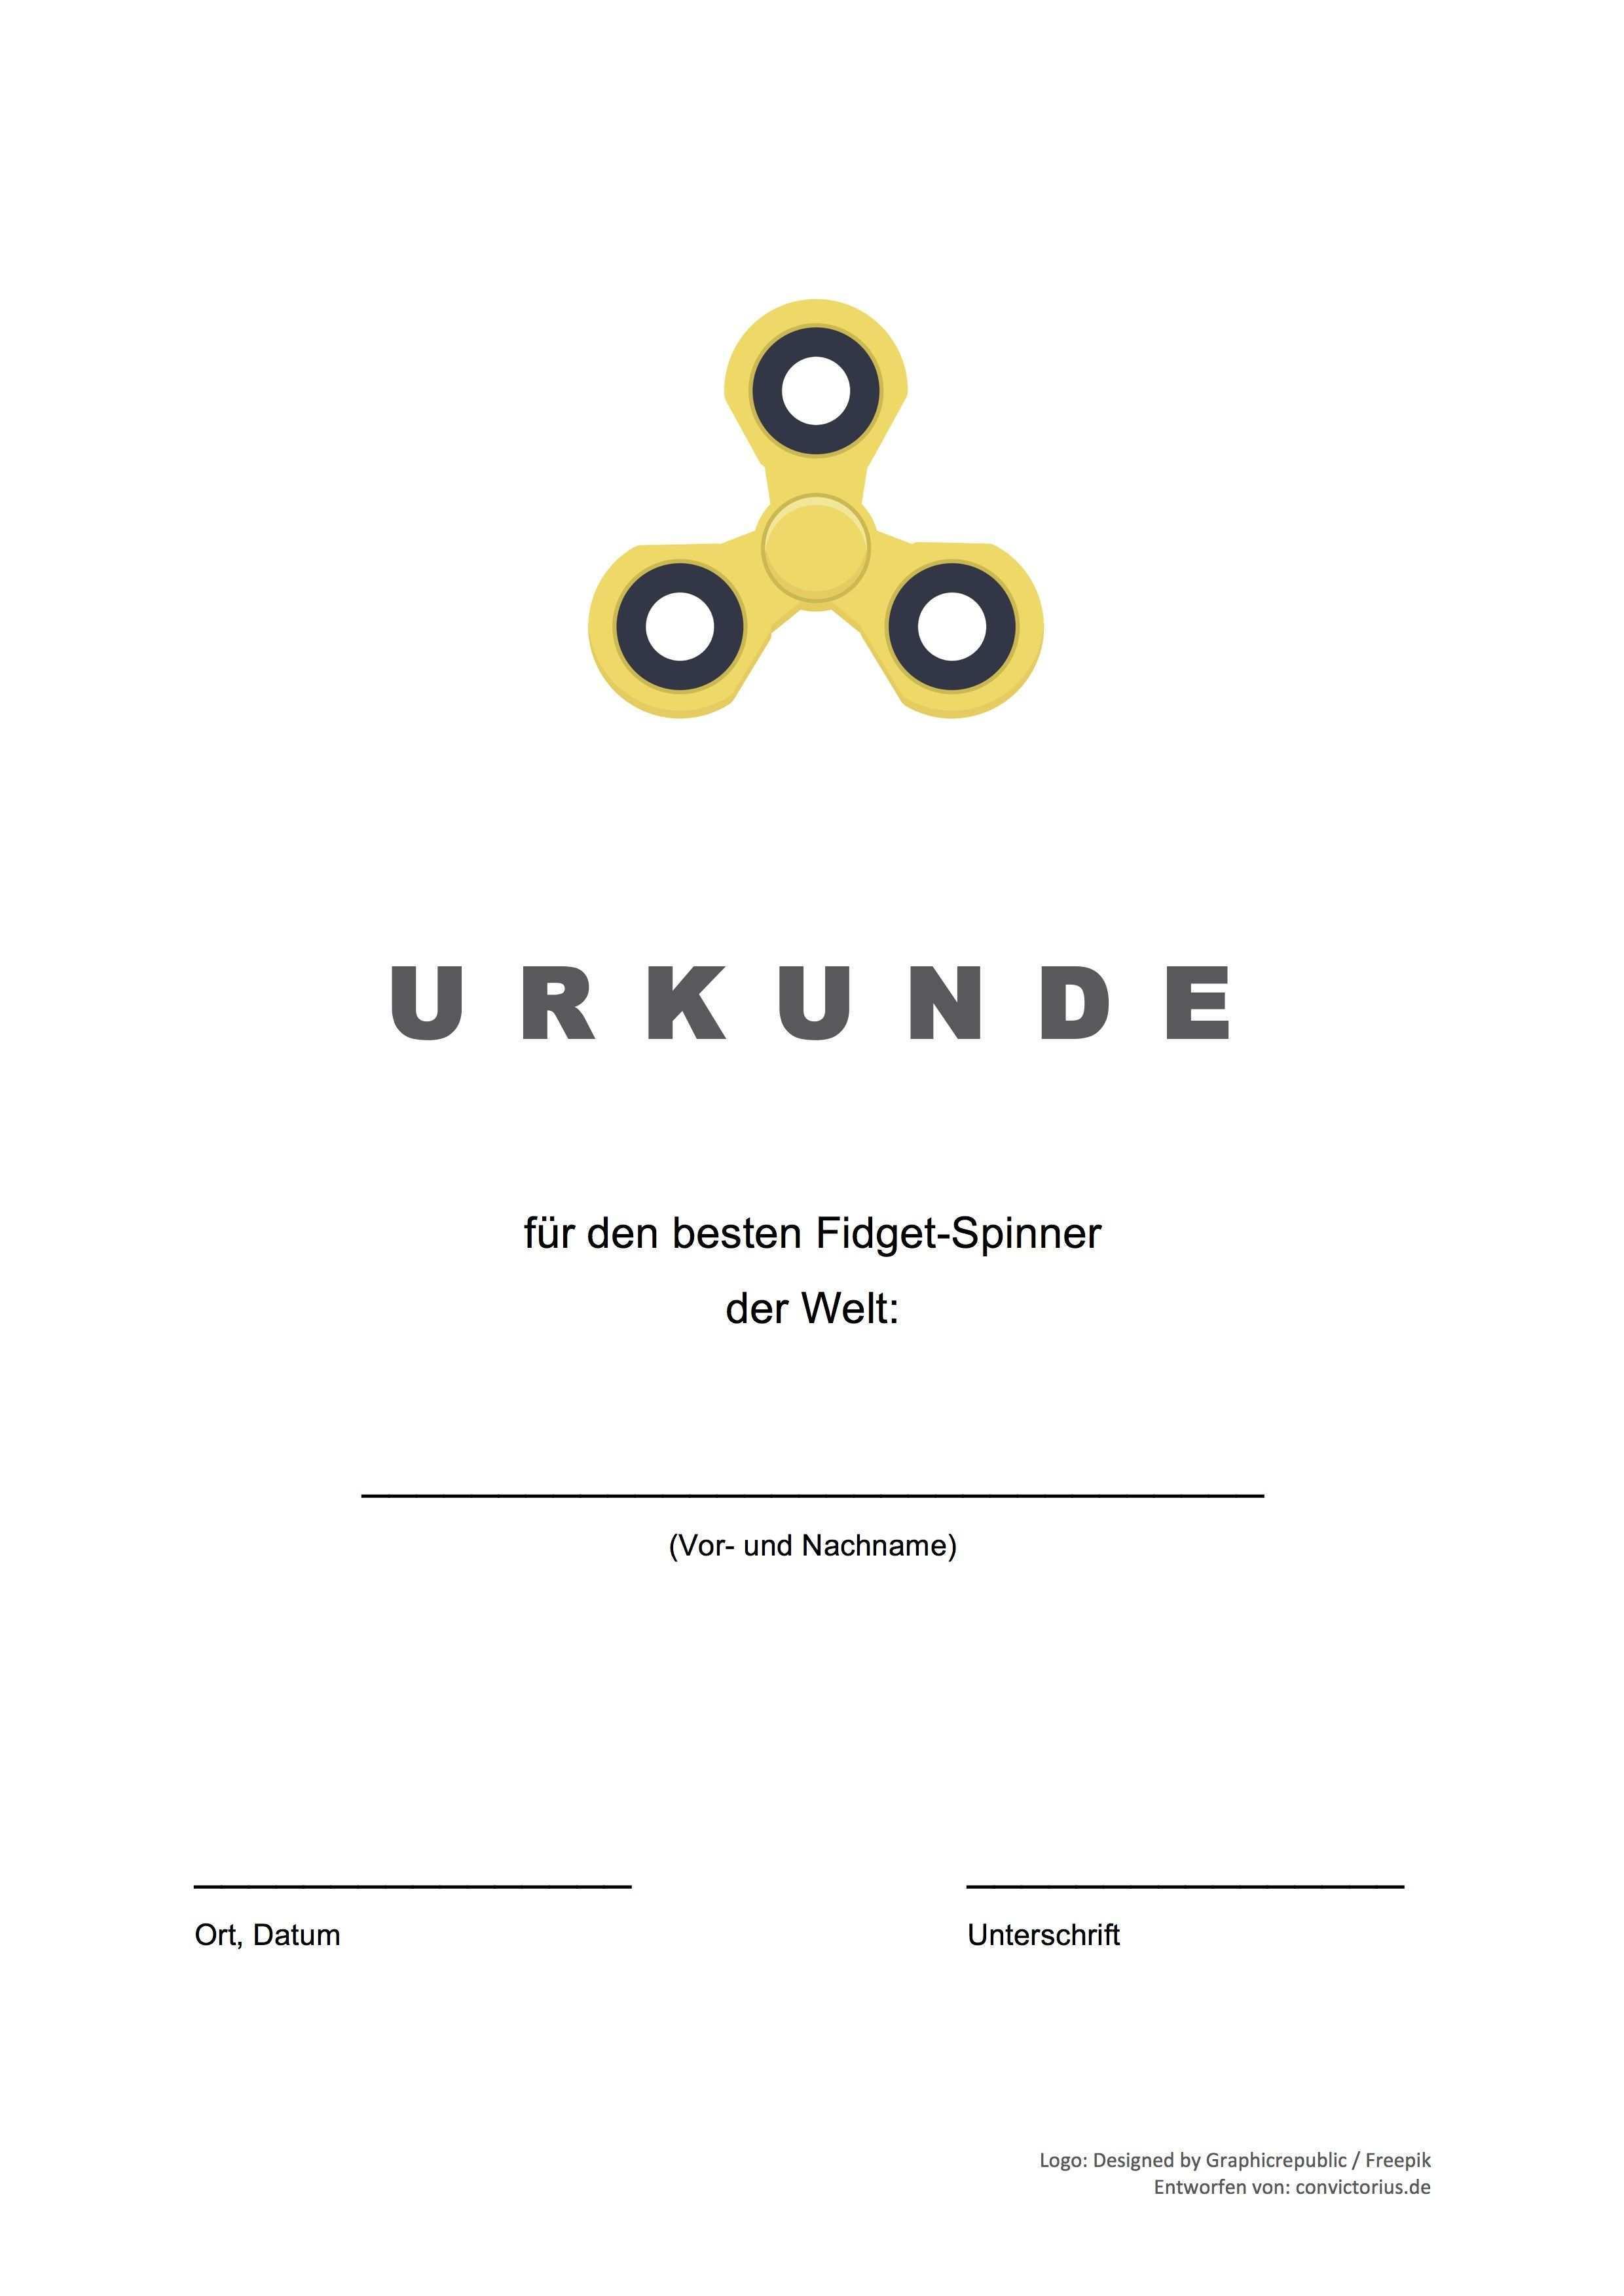 Gratis Vorlage Fidget Spinner Urkunde Word Pdf Vorlage Urkunde Urkunde Urkunden Selbst Gestalten